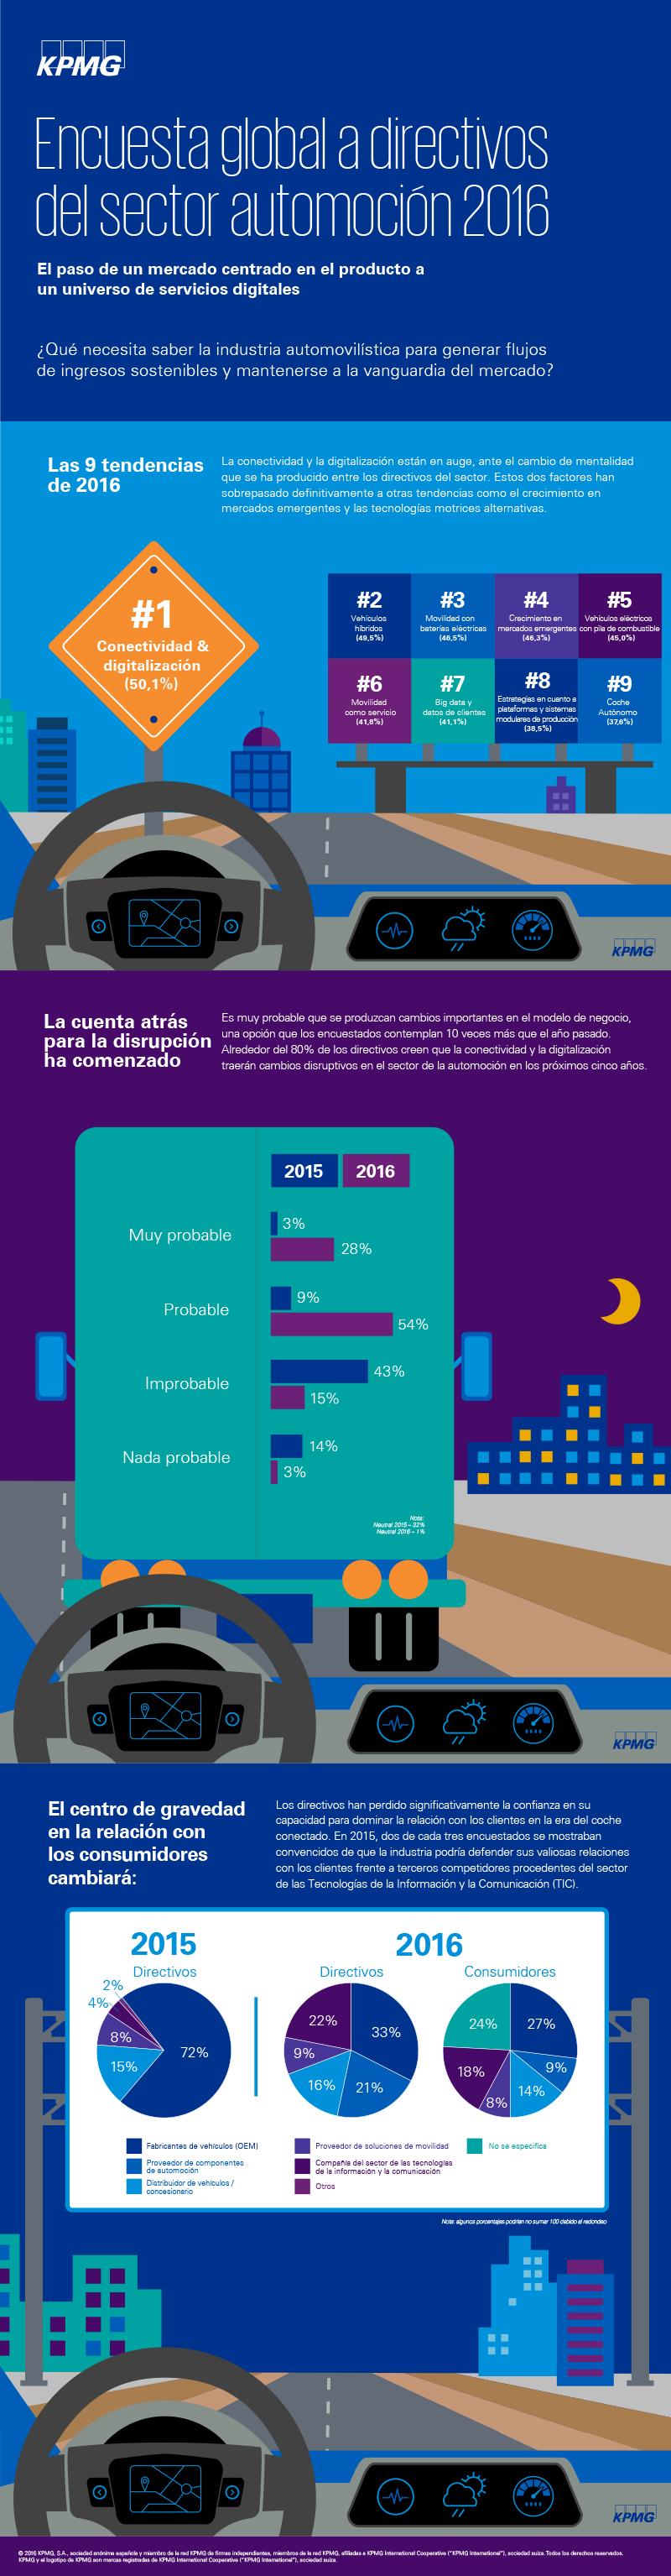 KPMG GAES Infografia_FINAL_130116_v2